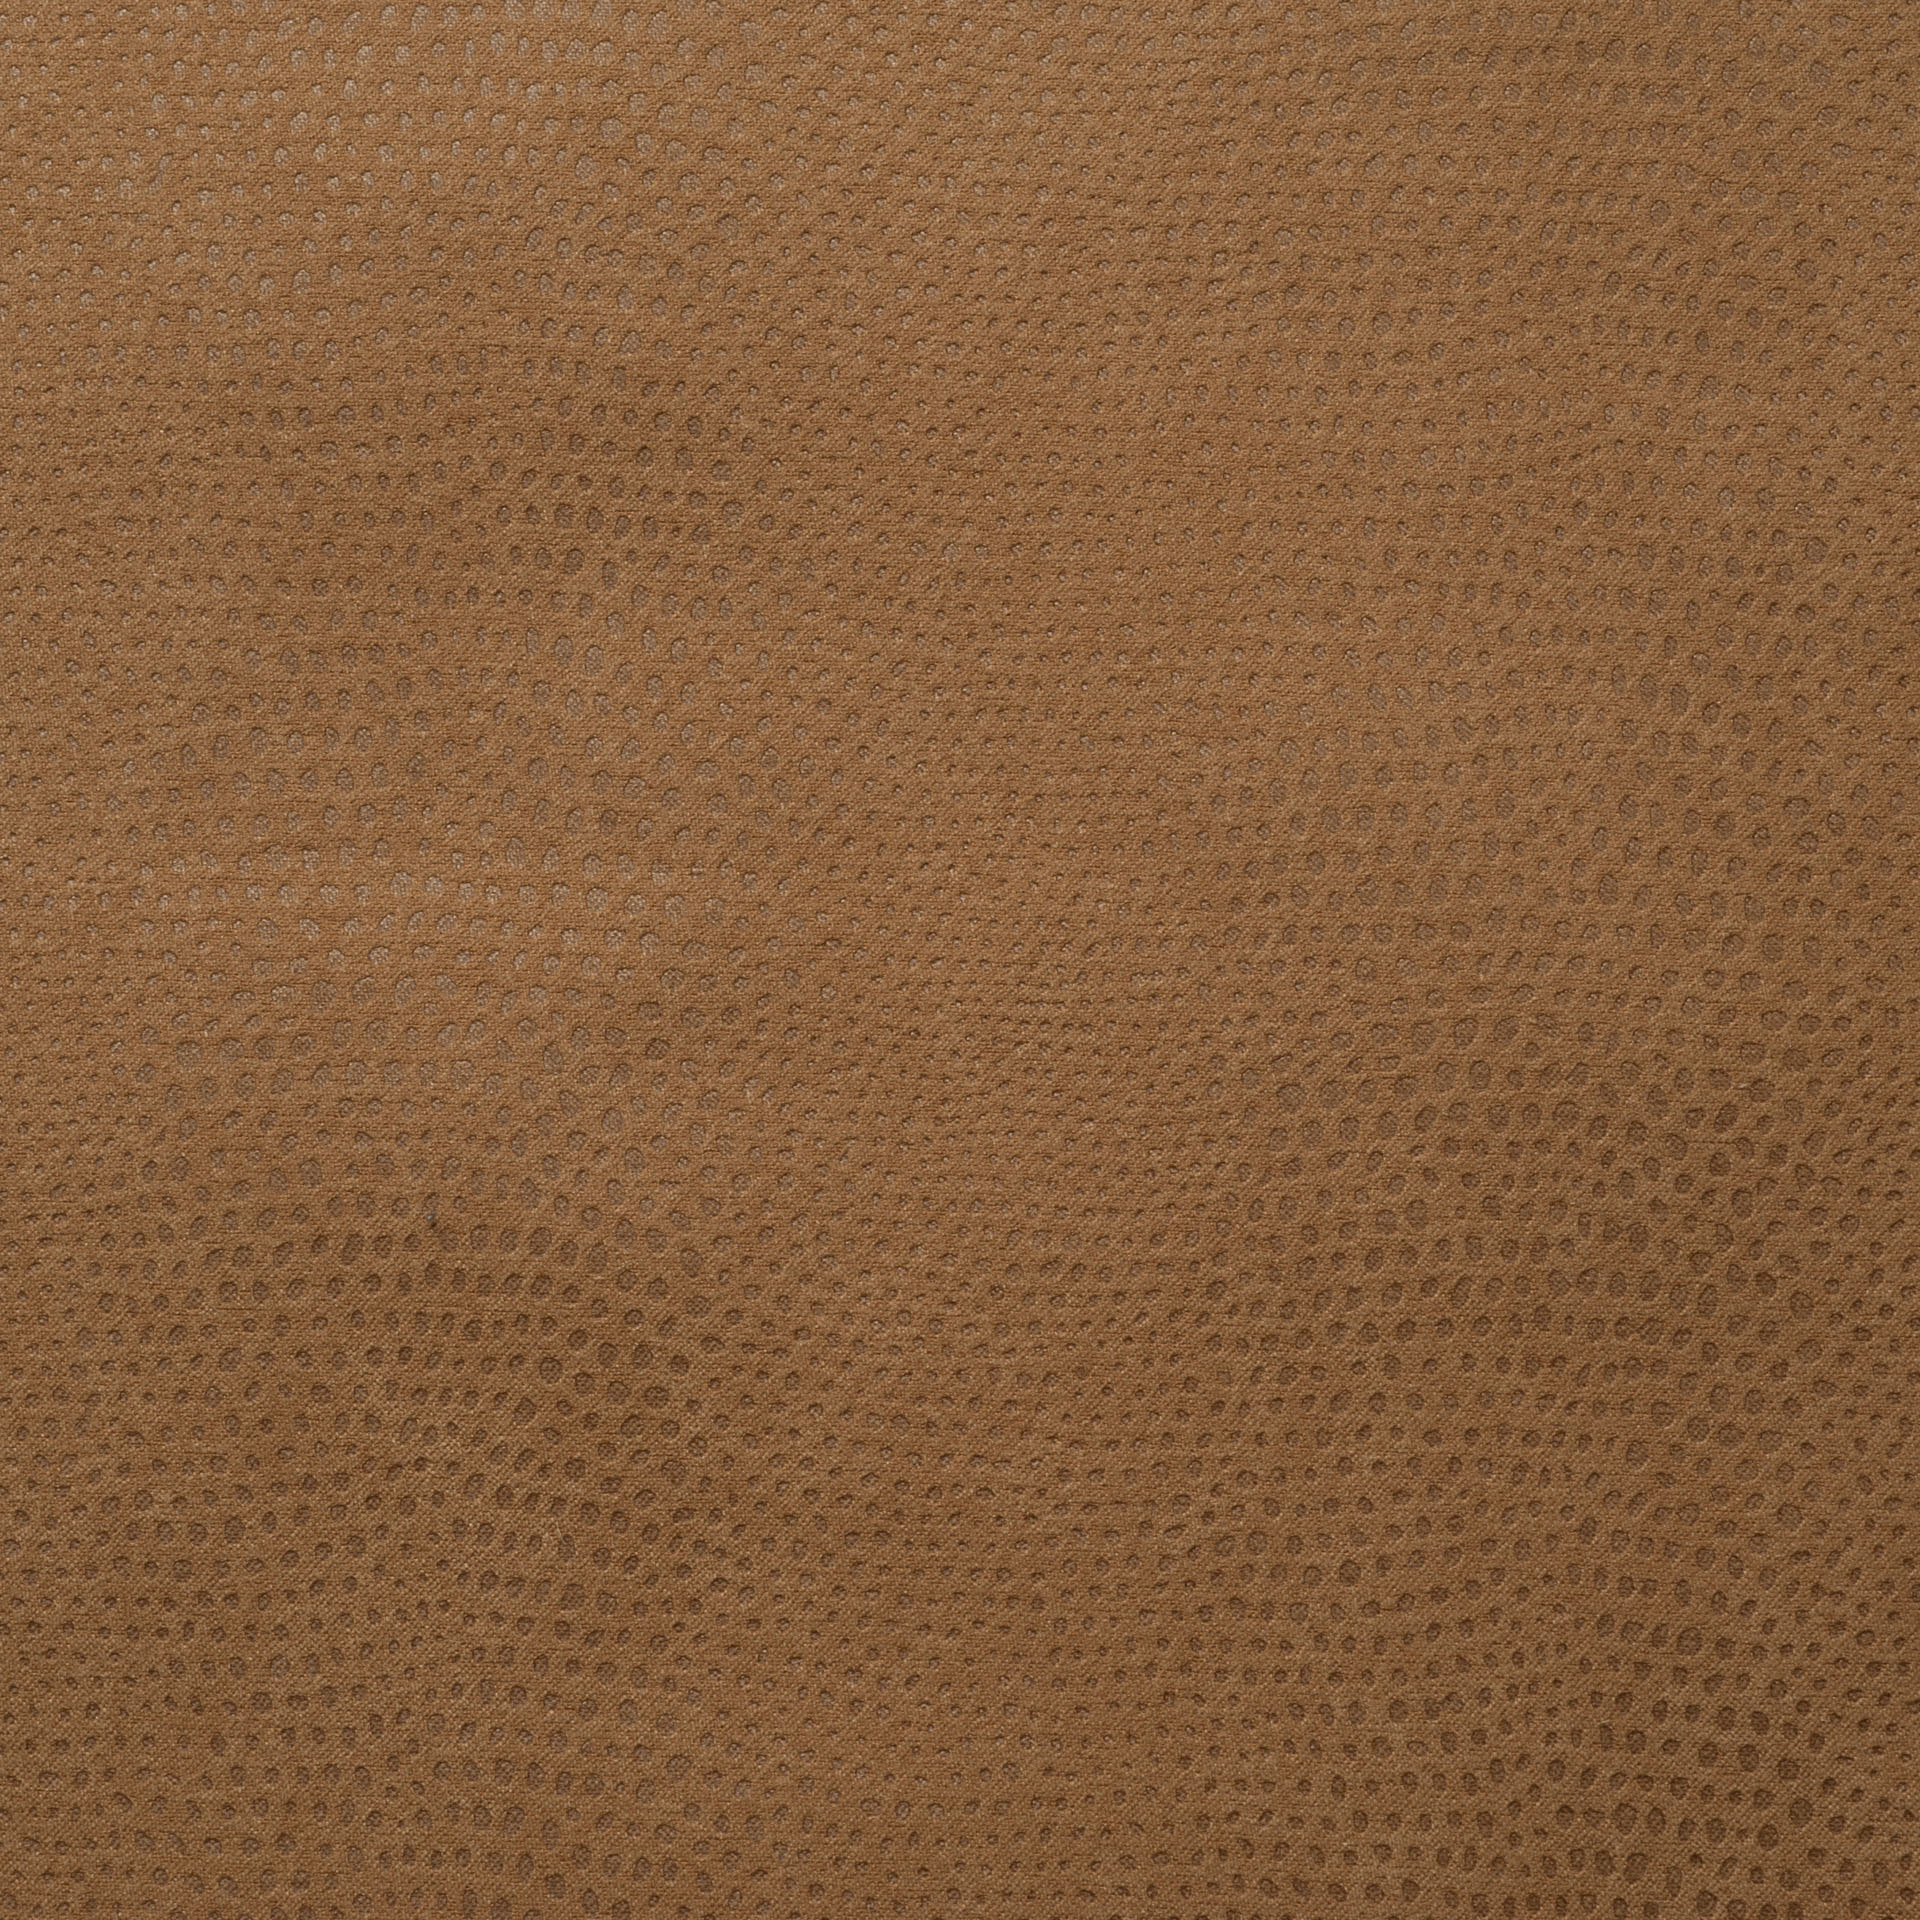 Коллекция ткани Снейк 8116 SADDLE,  купить ткань Велюр для мебели Украина